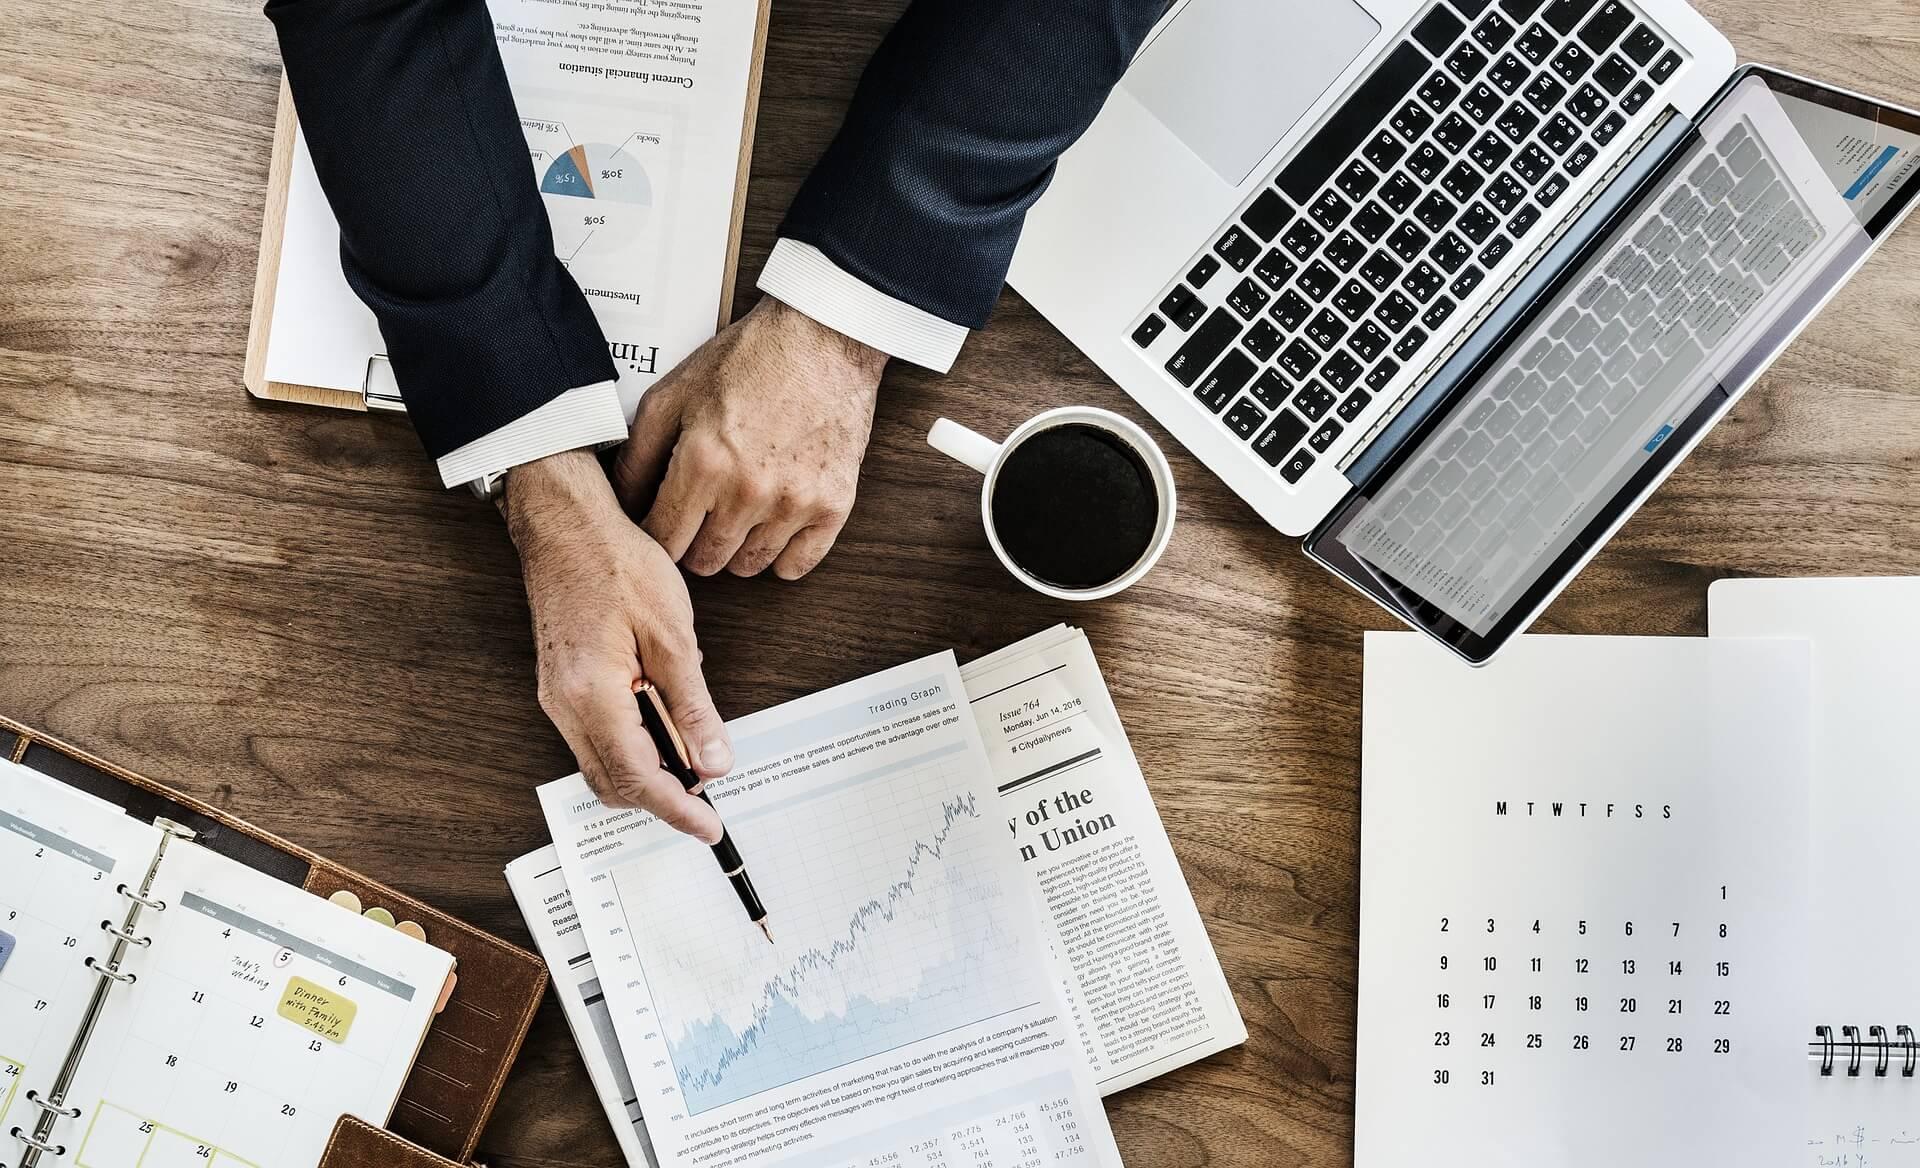 Schreibtisch mit Geschäftsunterlagen